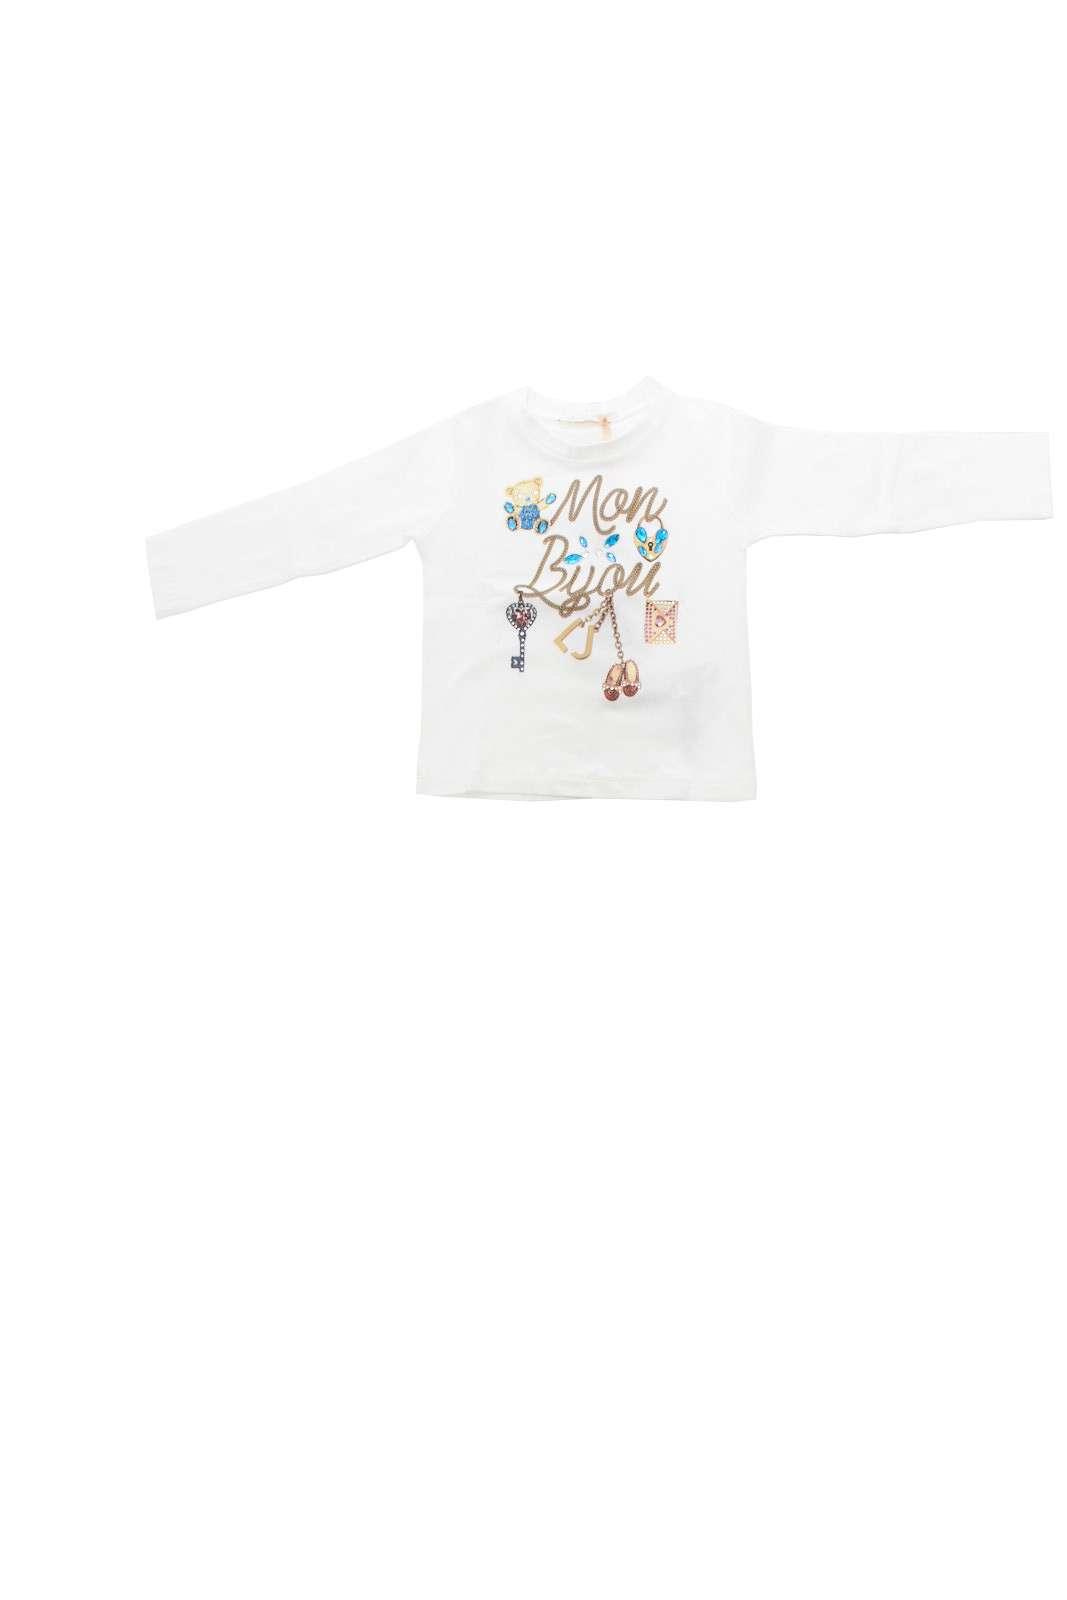 https://www.parmax.com/media/catalog/product/a/i/PE-outlet_parmax-maglia-bambina-Liu-Jo-k66018-A.jpg